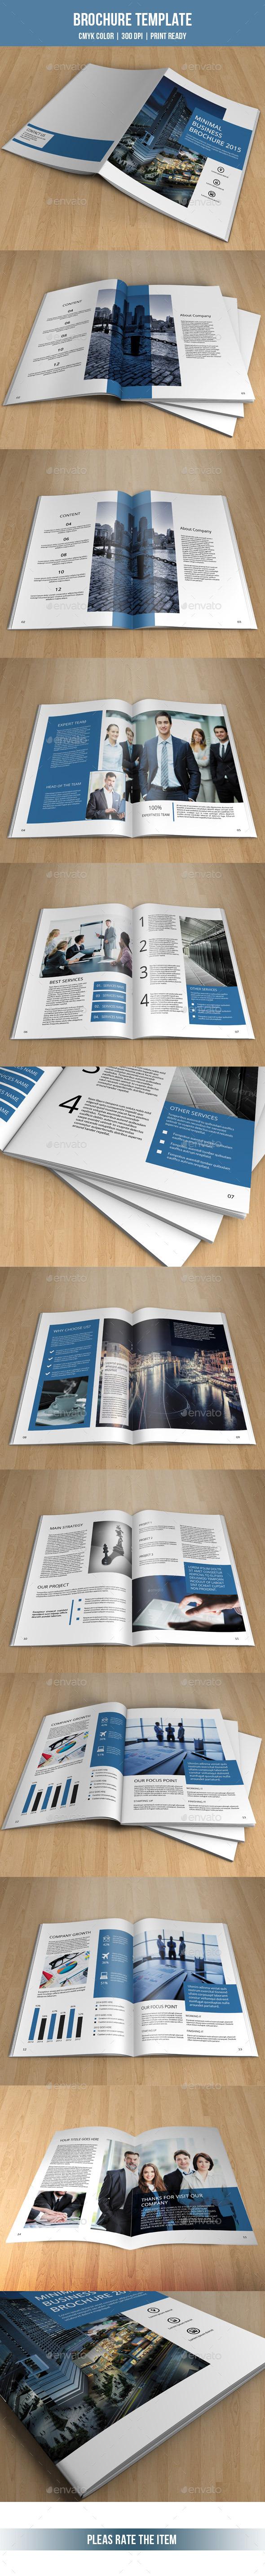 Corporate Bifold Brochure-V203 - Corporate Brochures